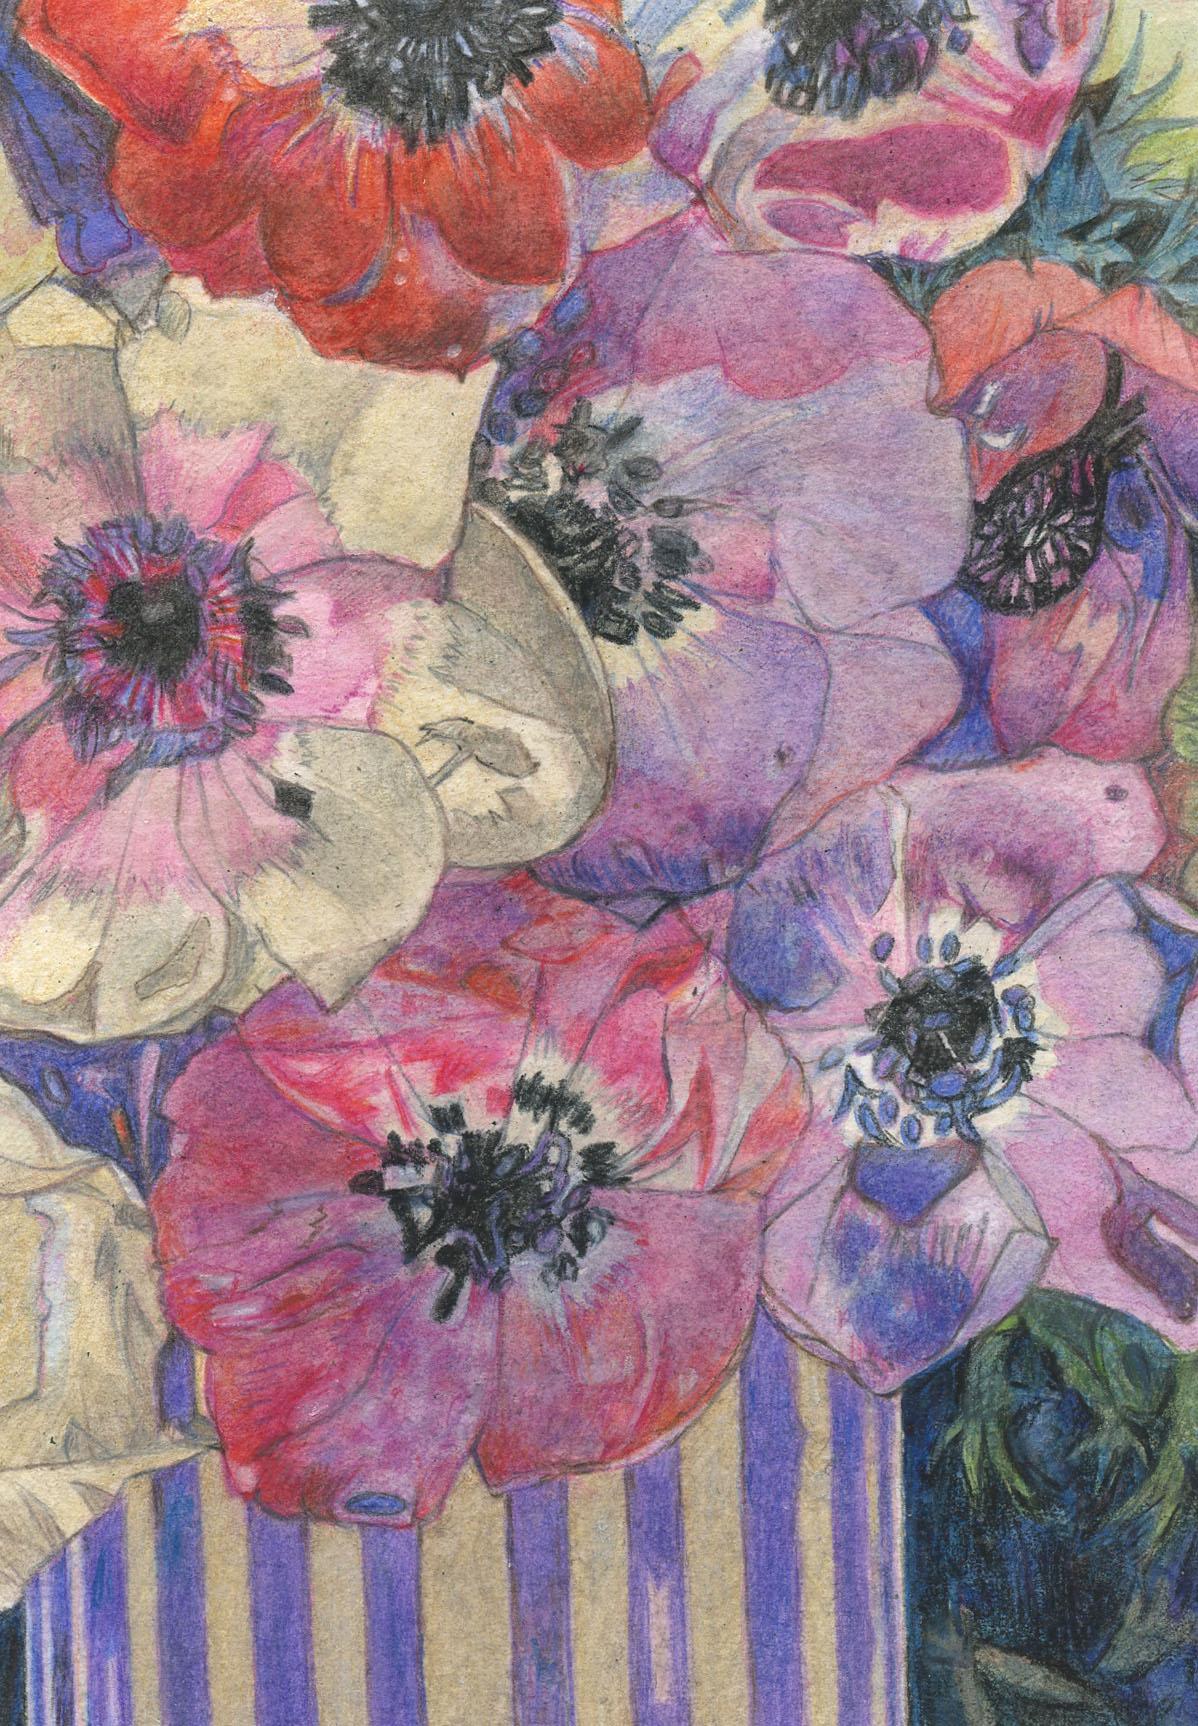 Janet Archer - Anemones (After Charles Rennie Mackintosh).jpg